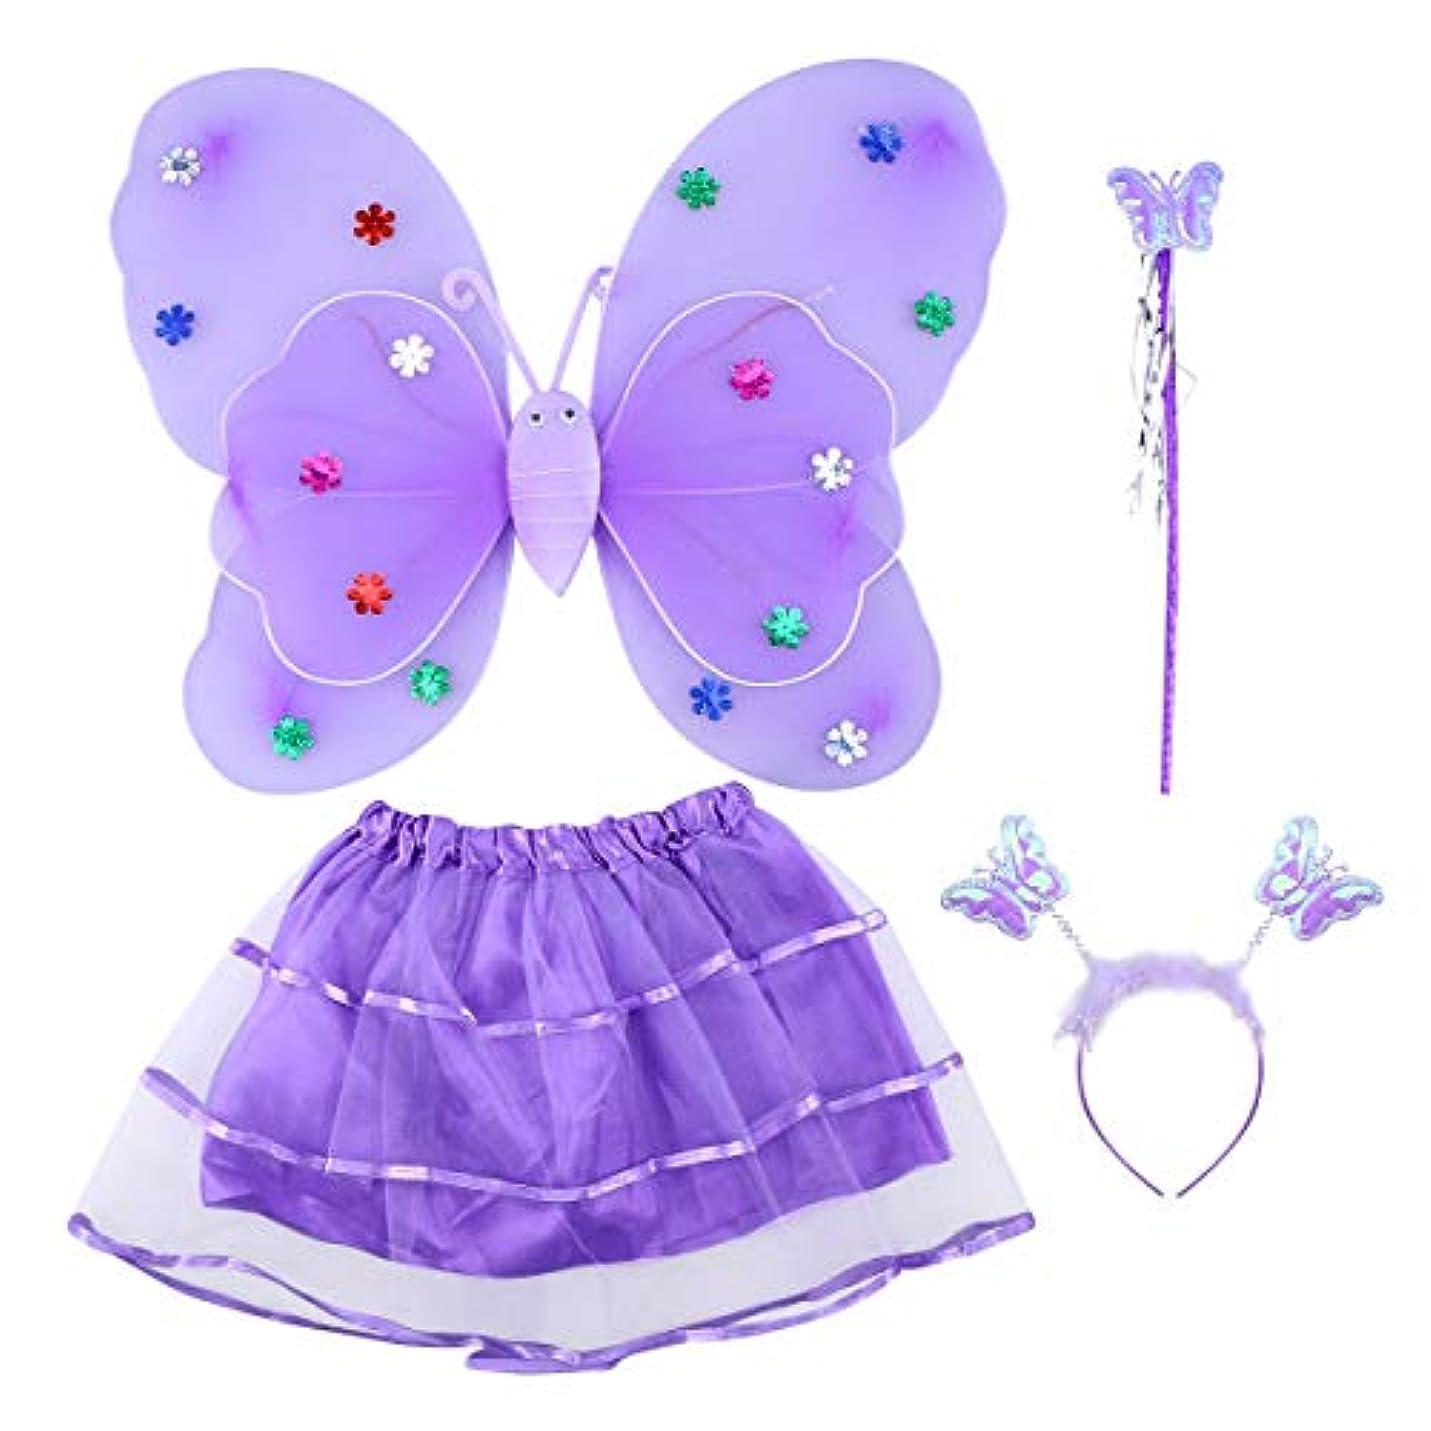 麻痺させるいつ試してみるBESTOYARD 4本の女の子のチュチュスカート蝶の羽の杖LEDライトフェアリーコスチュームセット二重層蝶の羽の杖ヘッドバンドパーティーコスチュームセット(パープル)